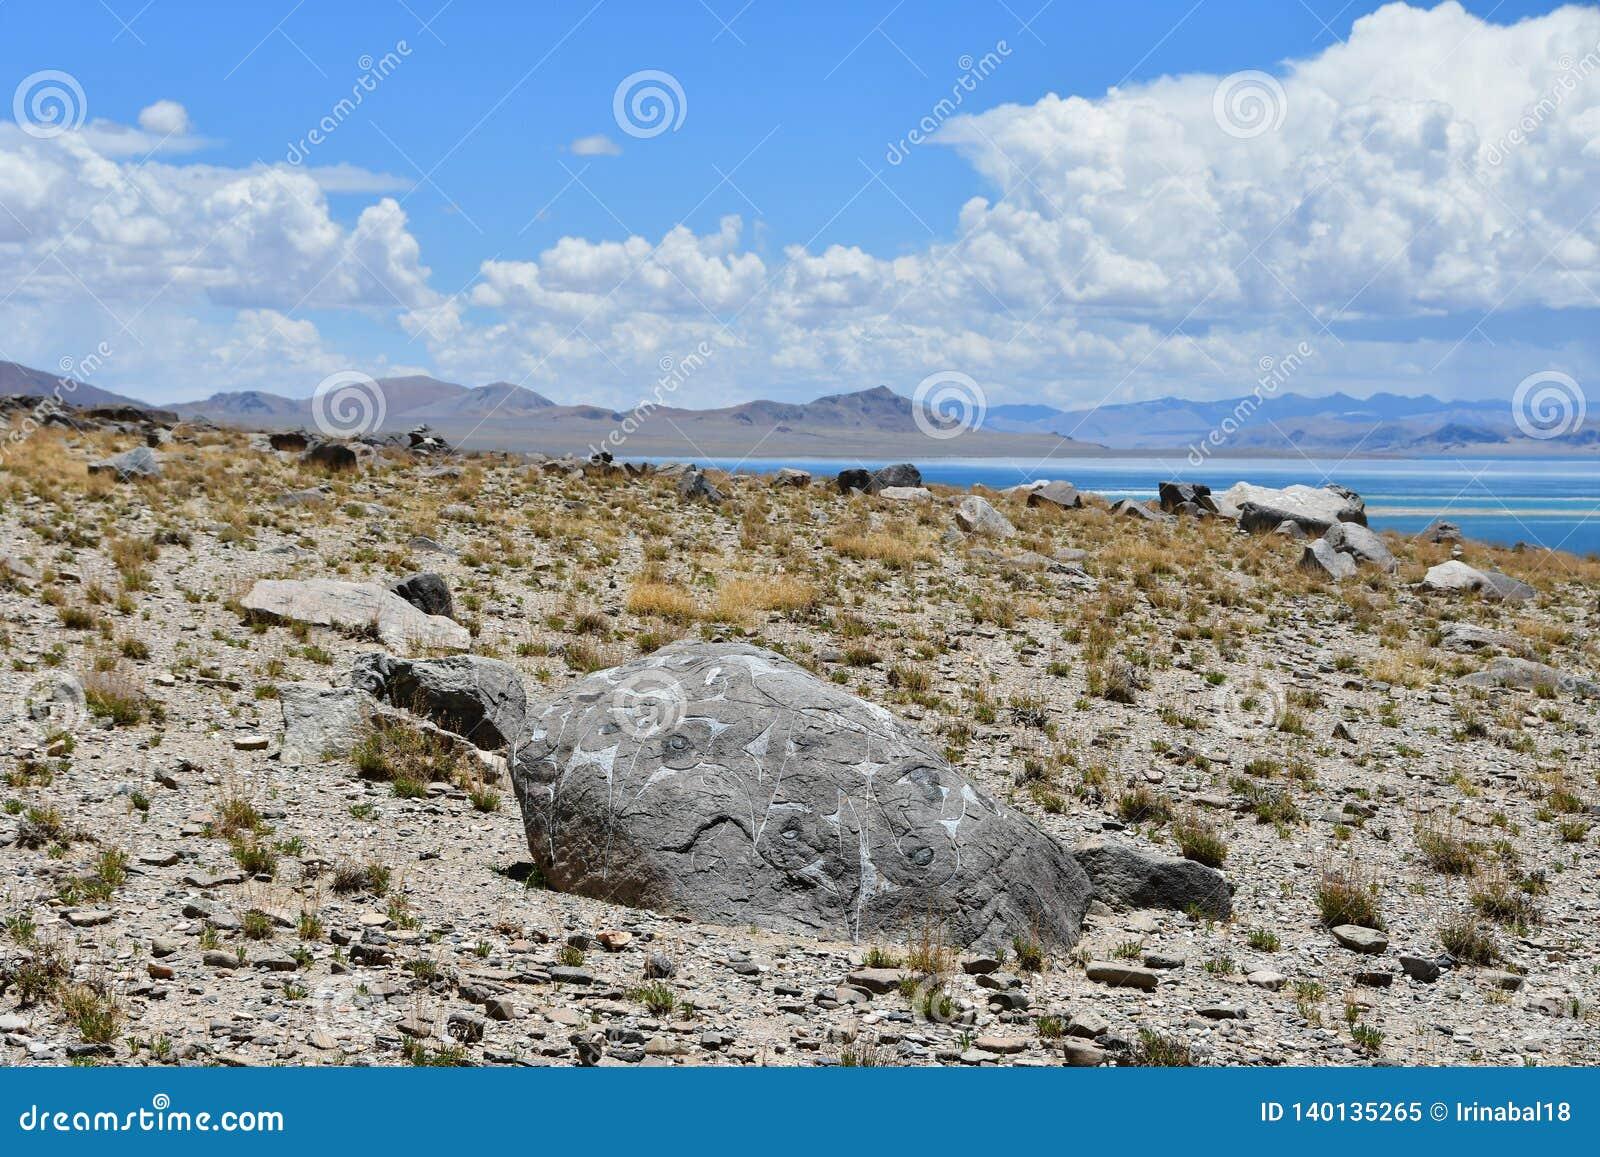 Kina Great Lakes av Tibet Sten med mantras på lagret av sjön Teri Tashi Namtso i solig sommardag